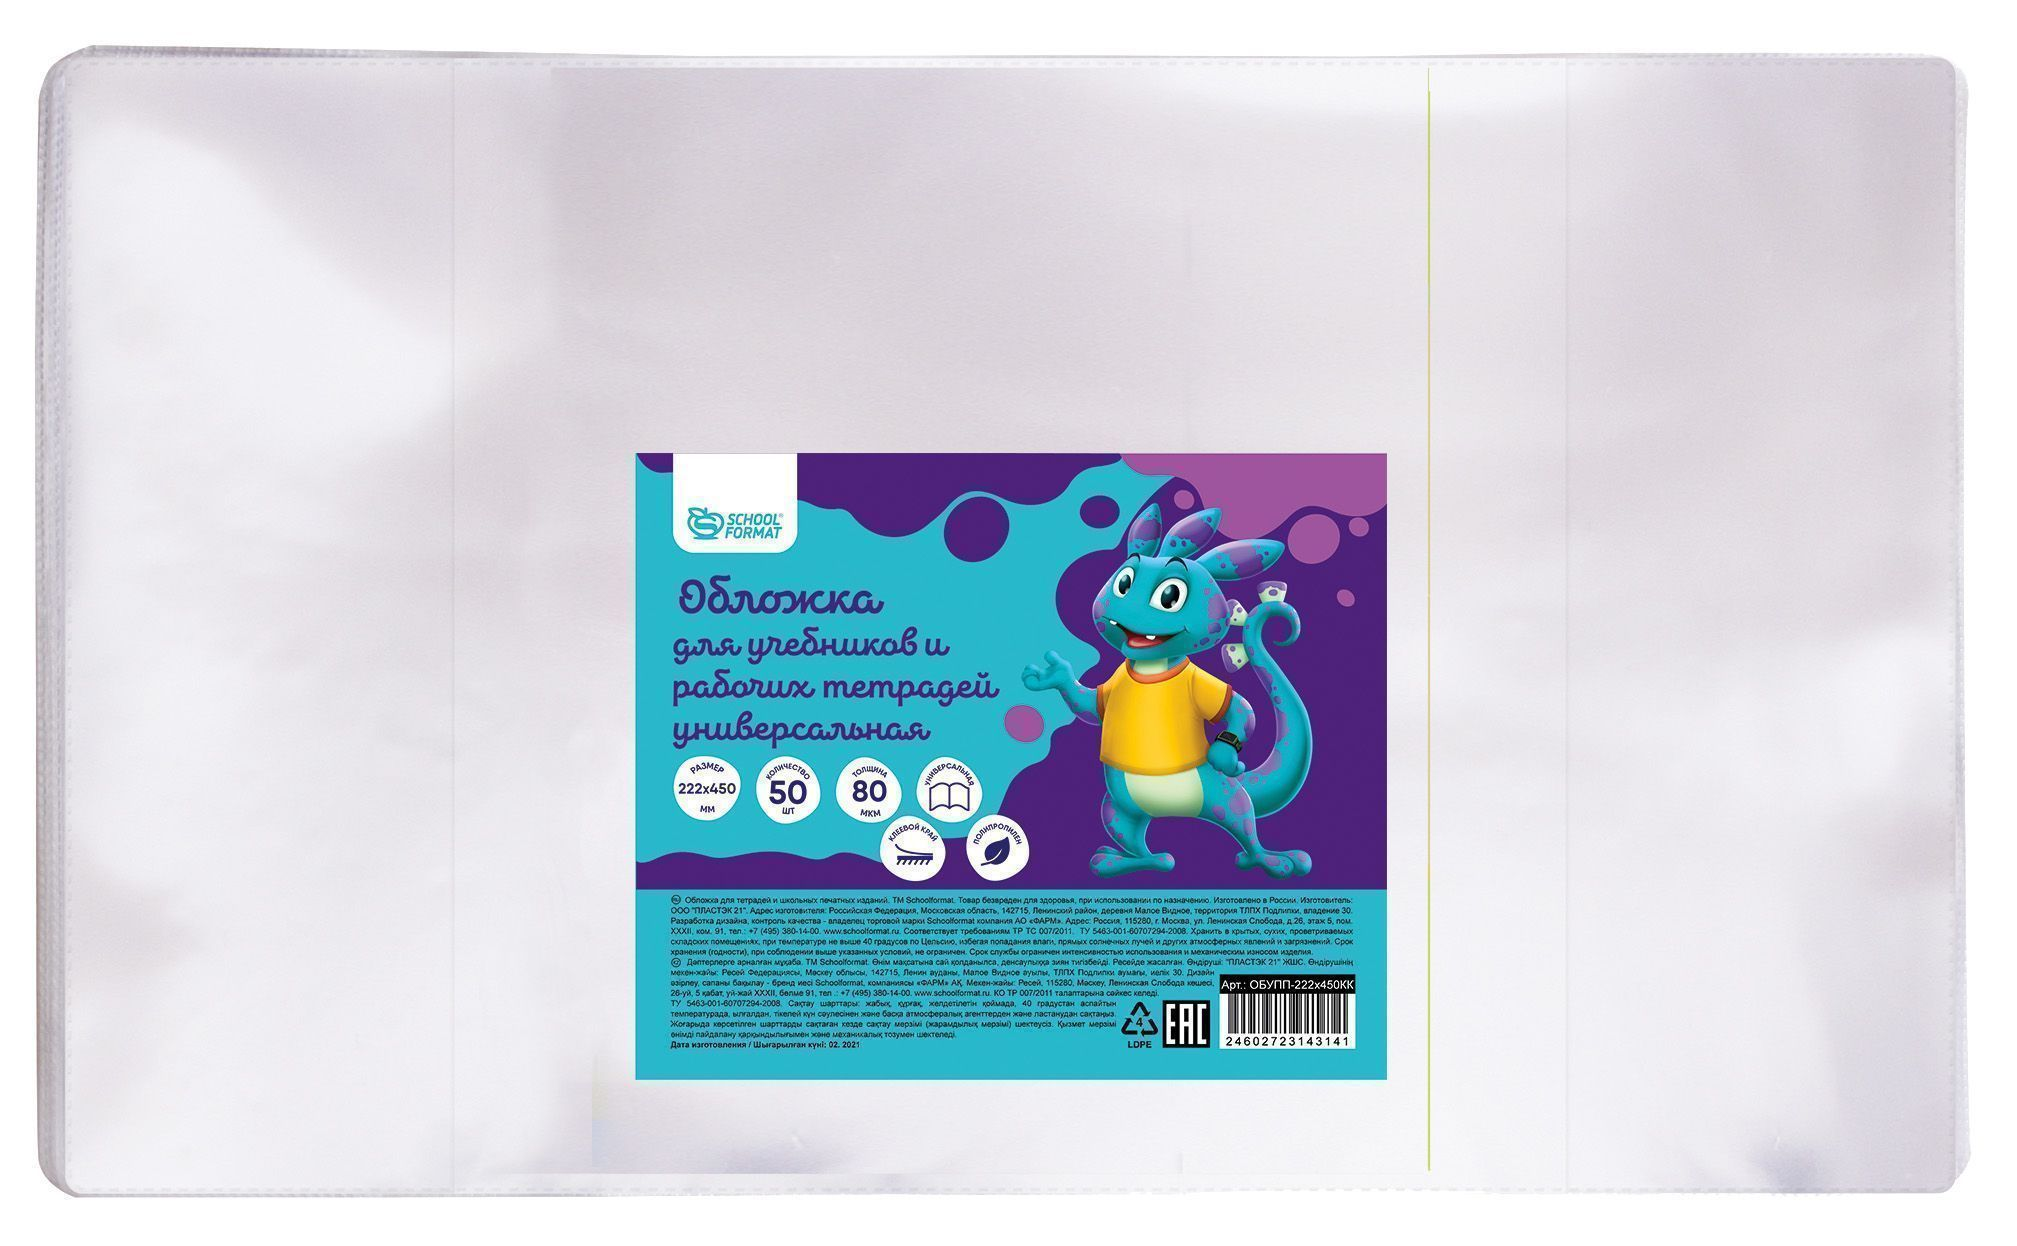 Обложка для учебников ПП 80 мкм Schoolformat 222х450 мм универсальная клеевой край 50 шт индив.штрих-код